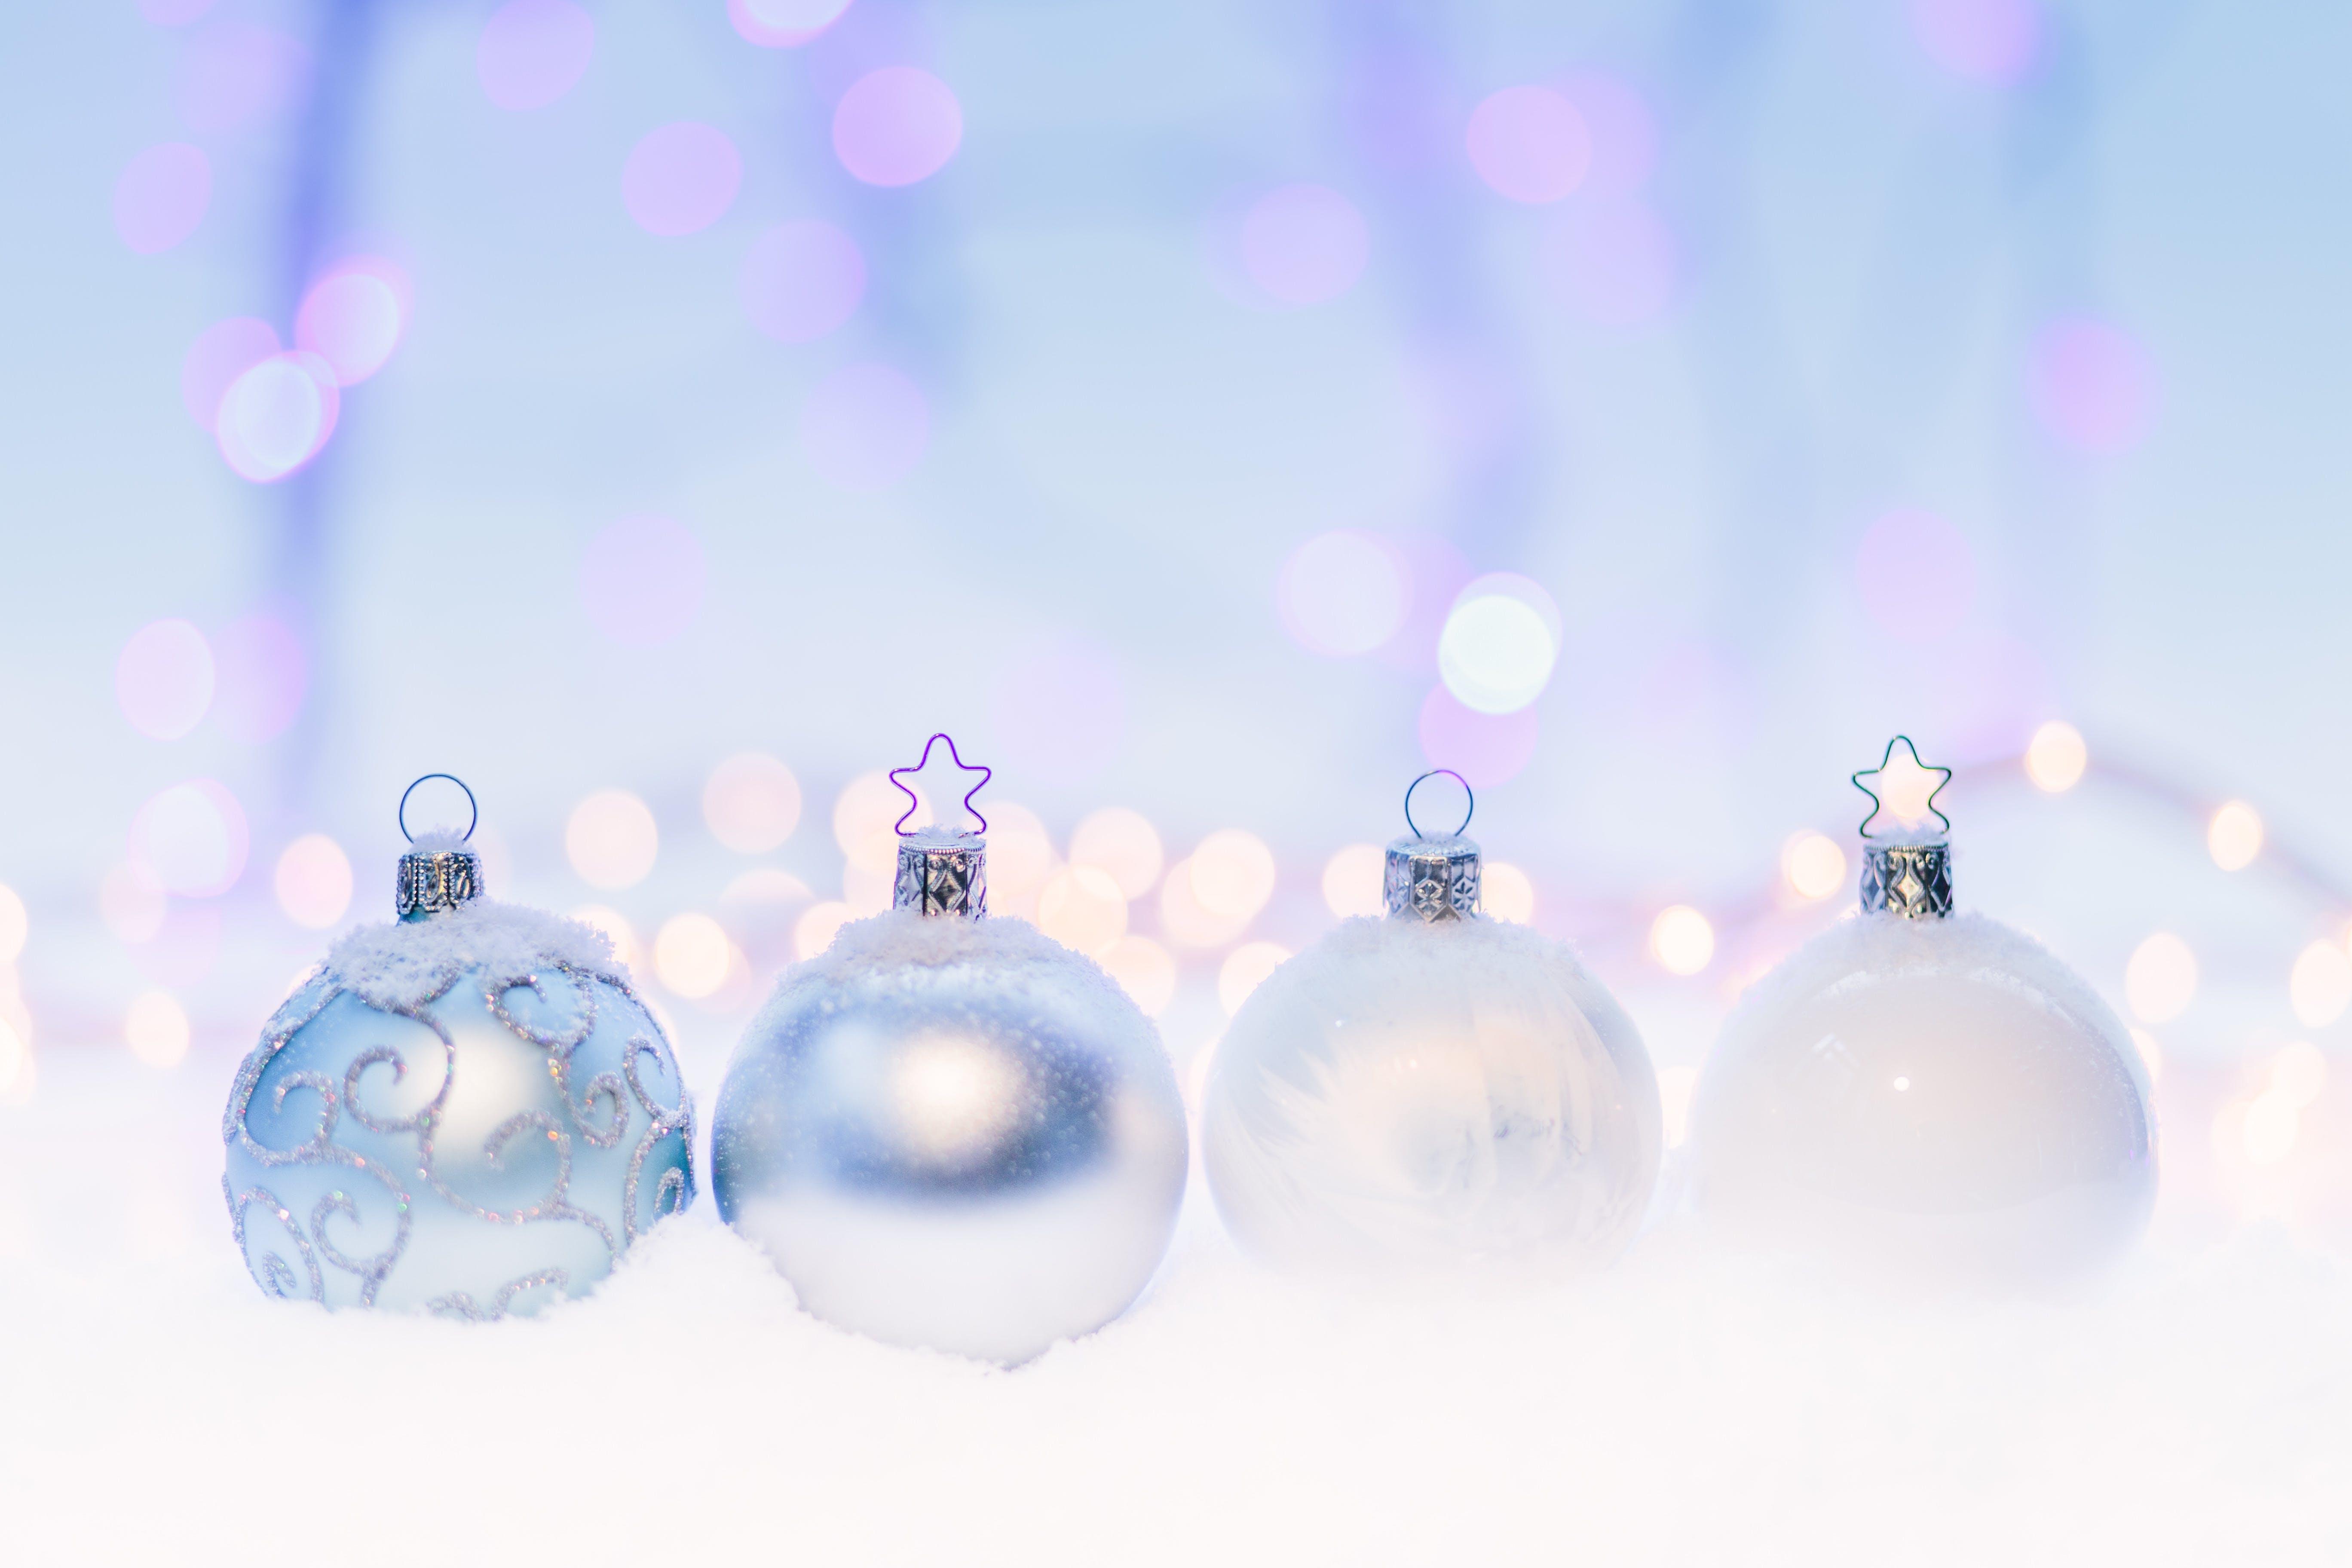 Kostenloses Stock Foto zu weihnachten, weihnachtsdekorationen, weihnachtskugeln, winter